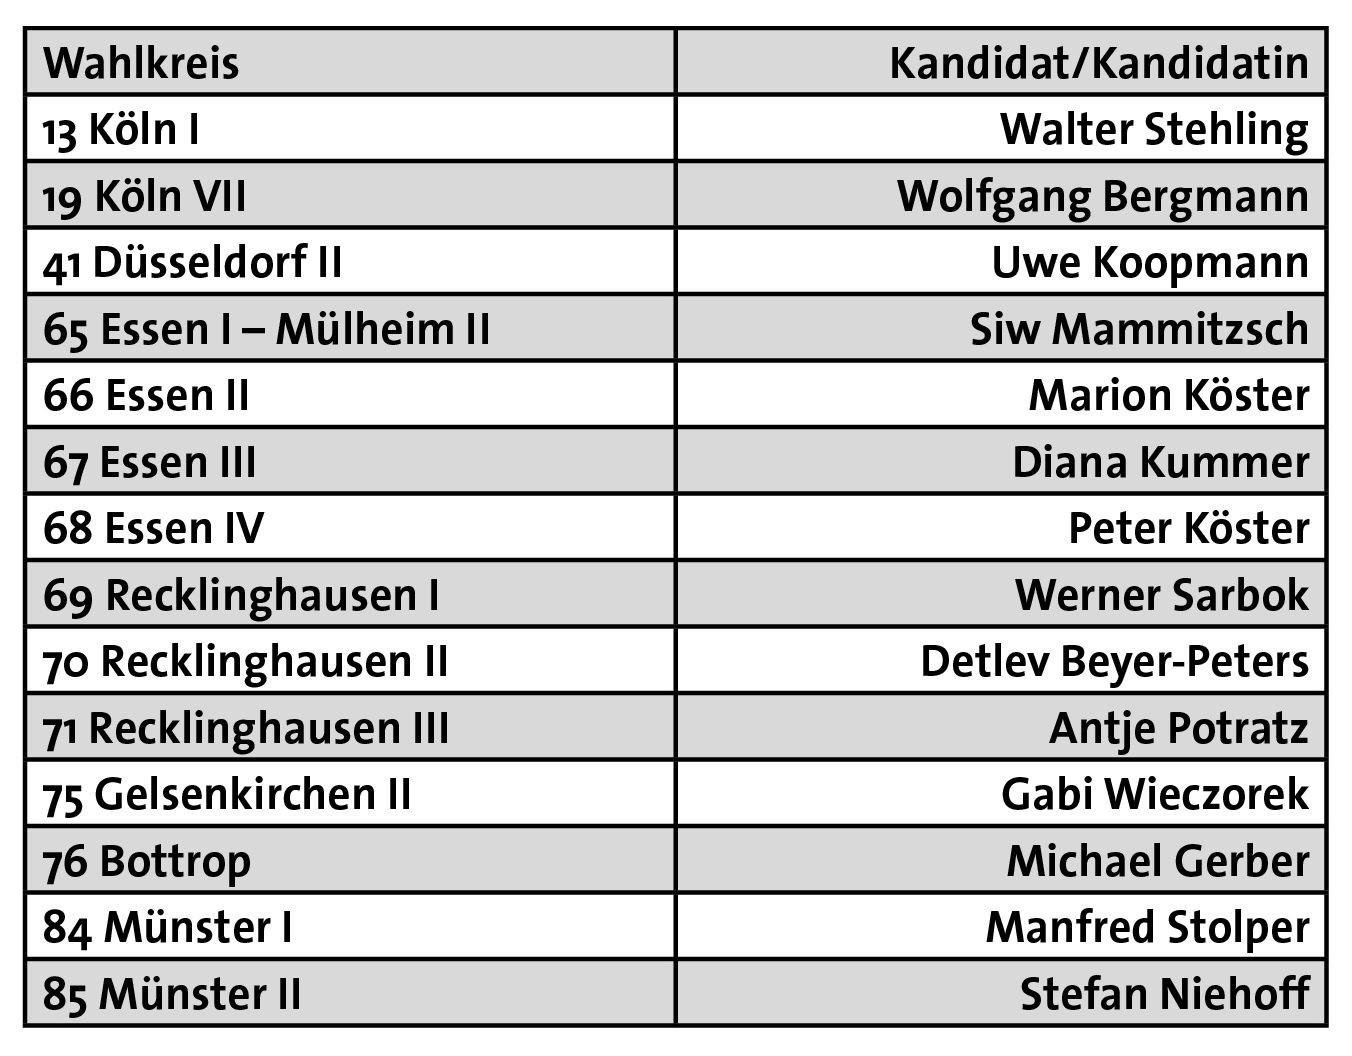 DKP-Direktkandidaten zur Landtagswahl in Nordrhein-Westfalen